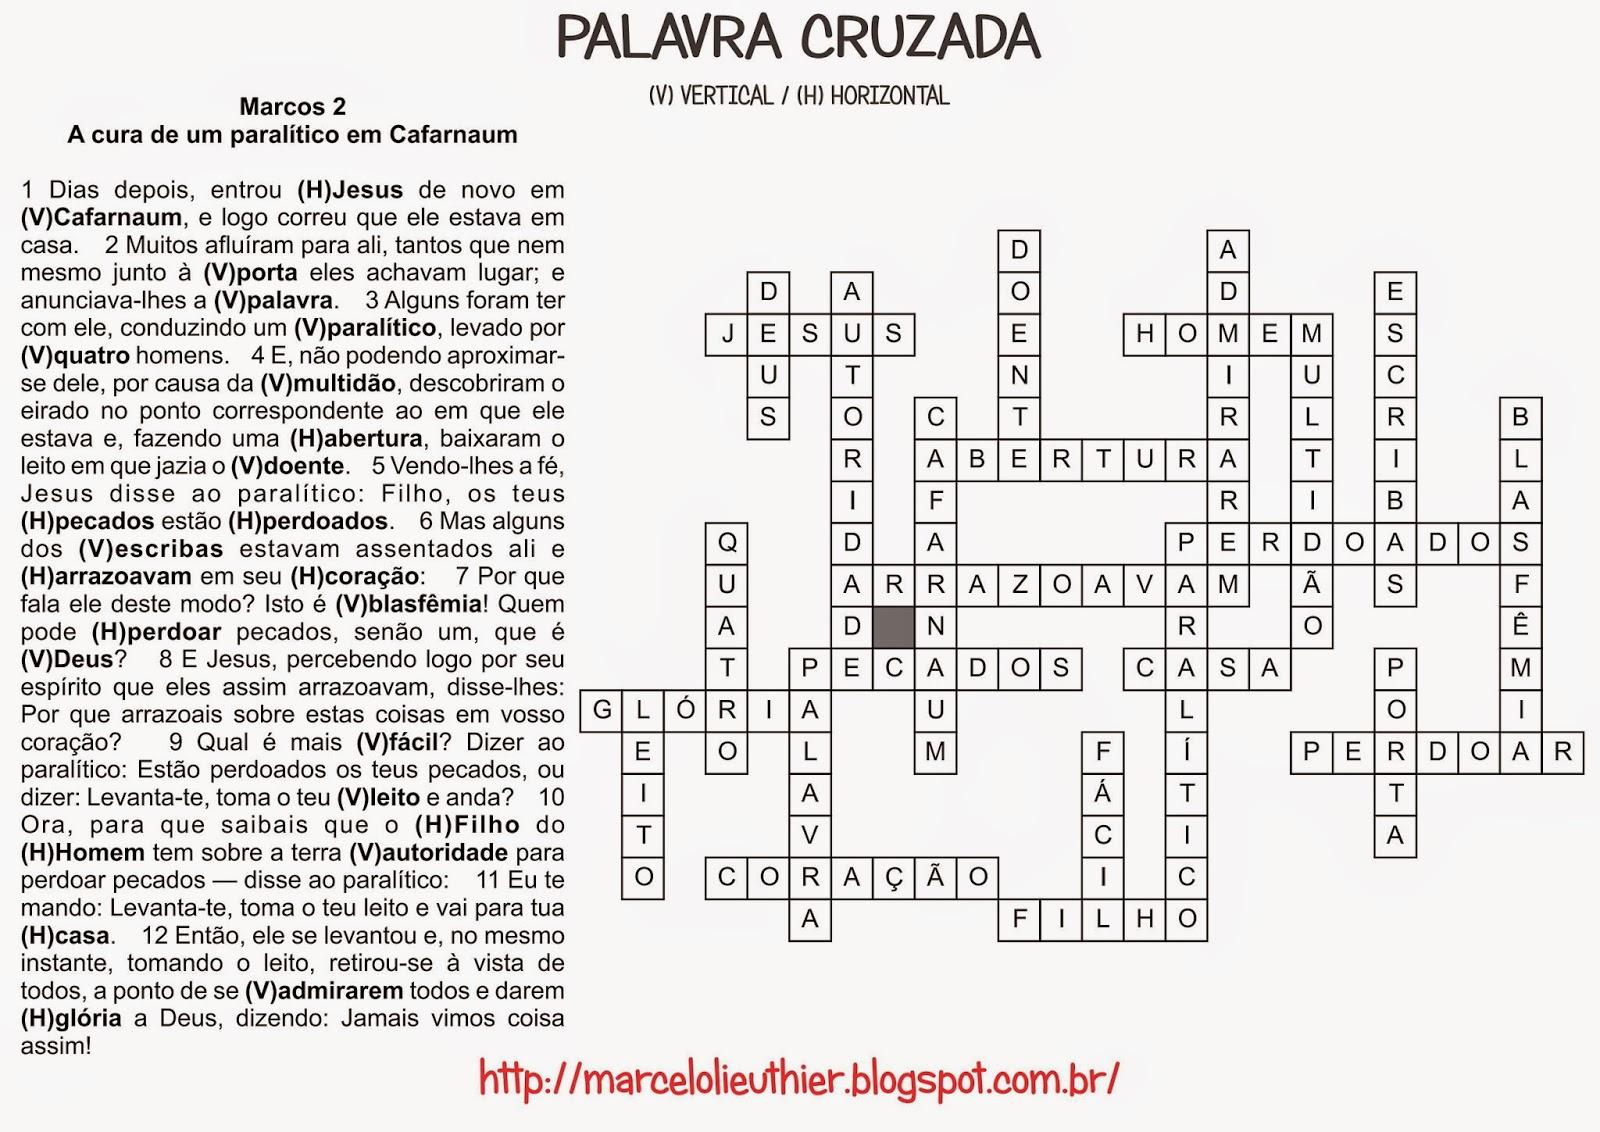 Marcelo Lieuthier: Palavras Cruzadas & Caça Palavras